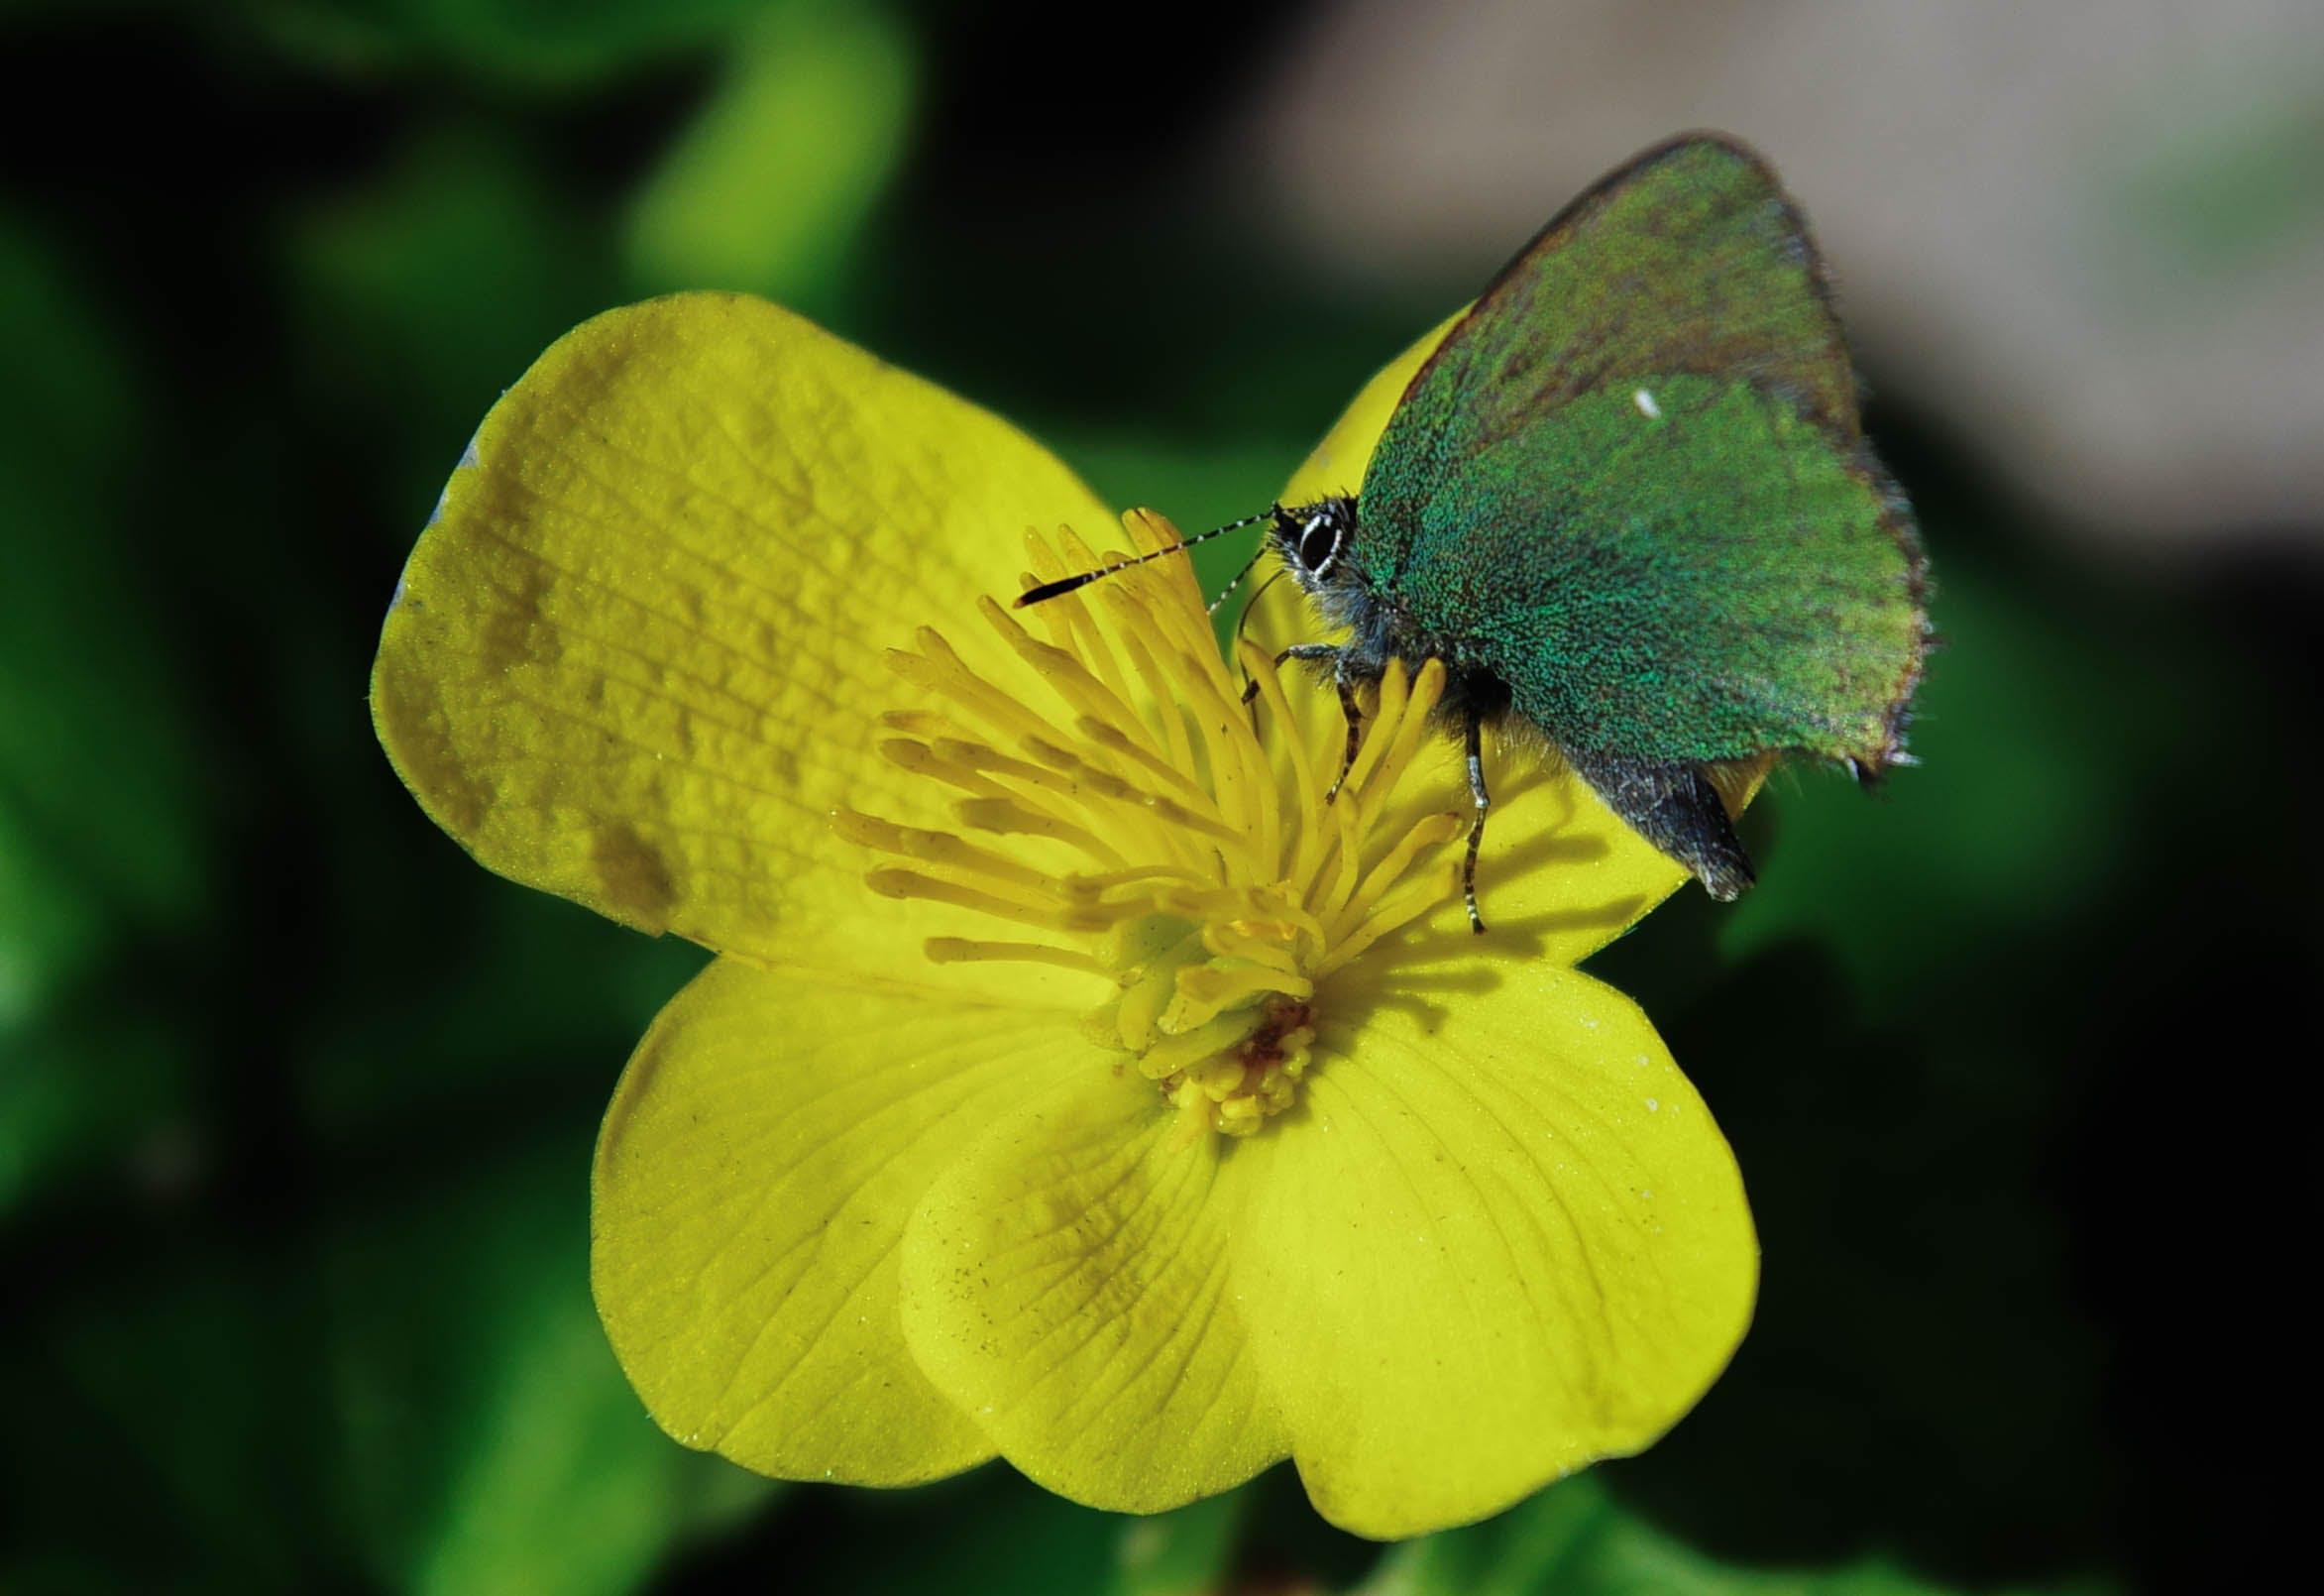 Green Butterfly on Rapeseed Flower